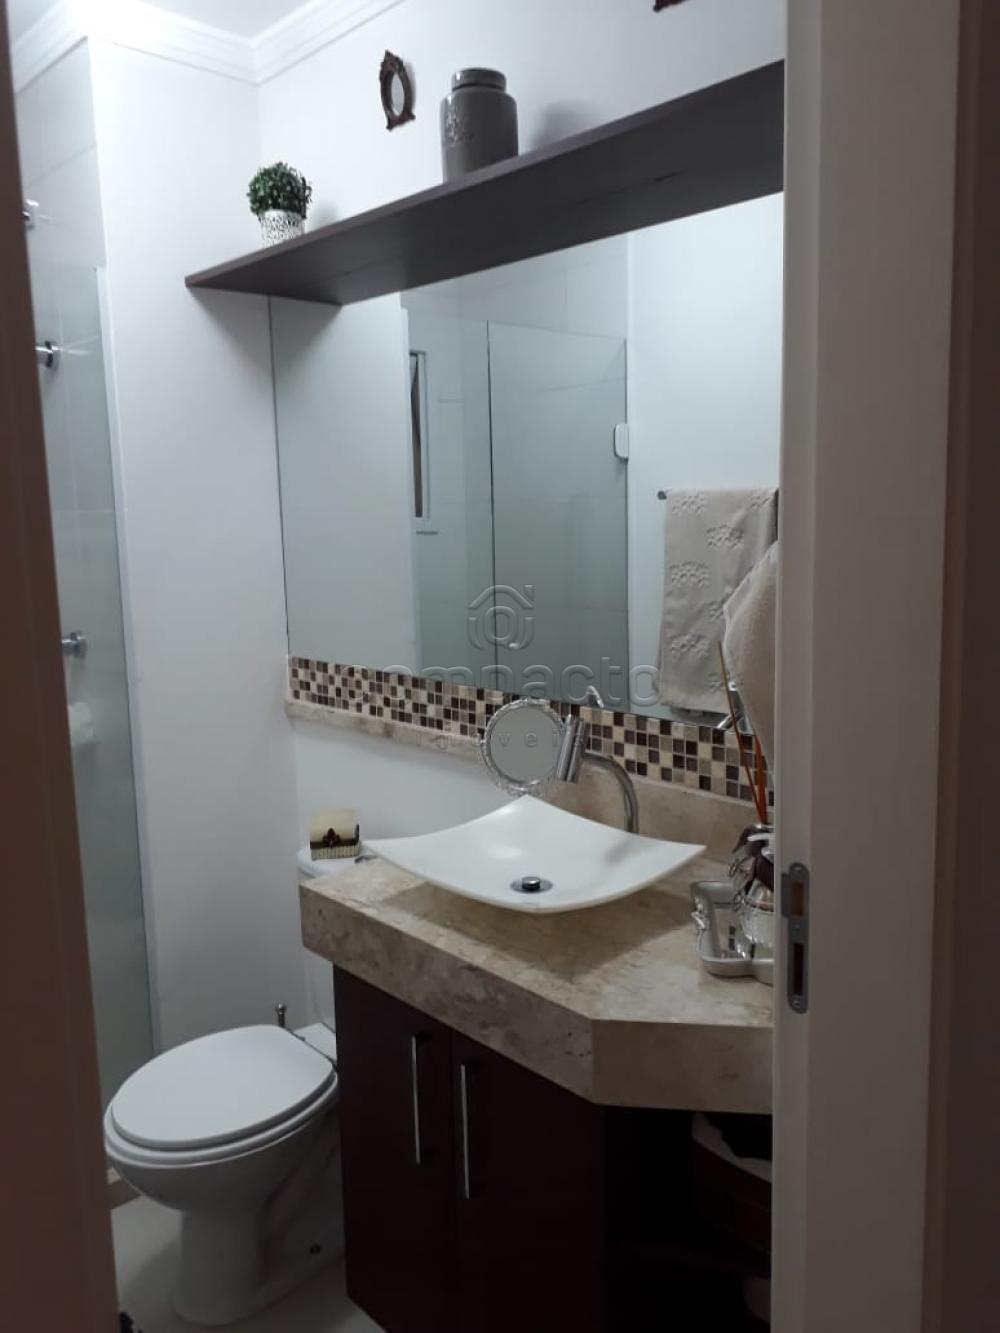 Comprar Apartamento / Padrão em São José do Rio Preto apenas R$ 235.000,00 - Foto 7